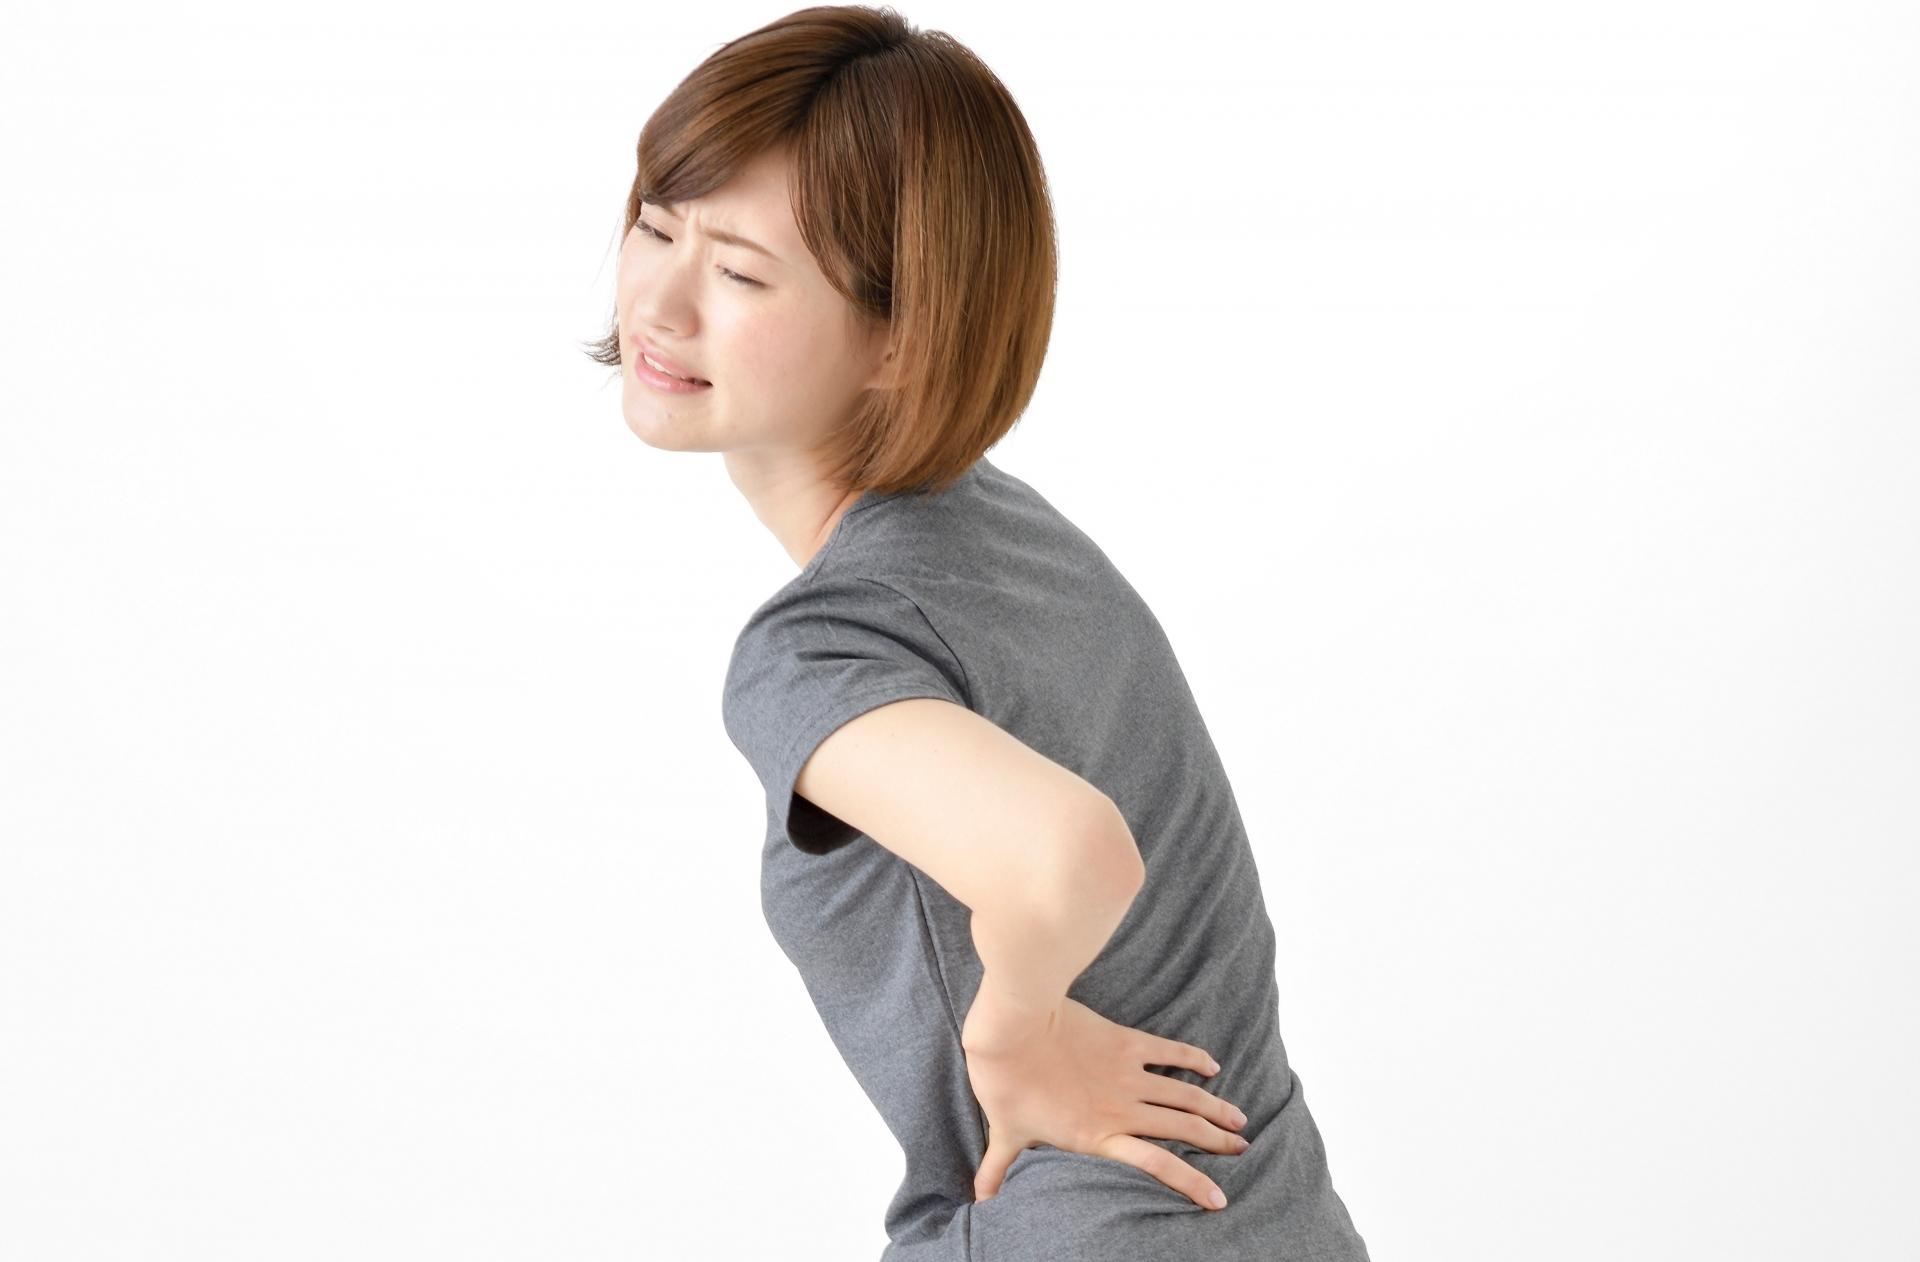 梨状筋症候群について